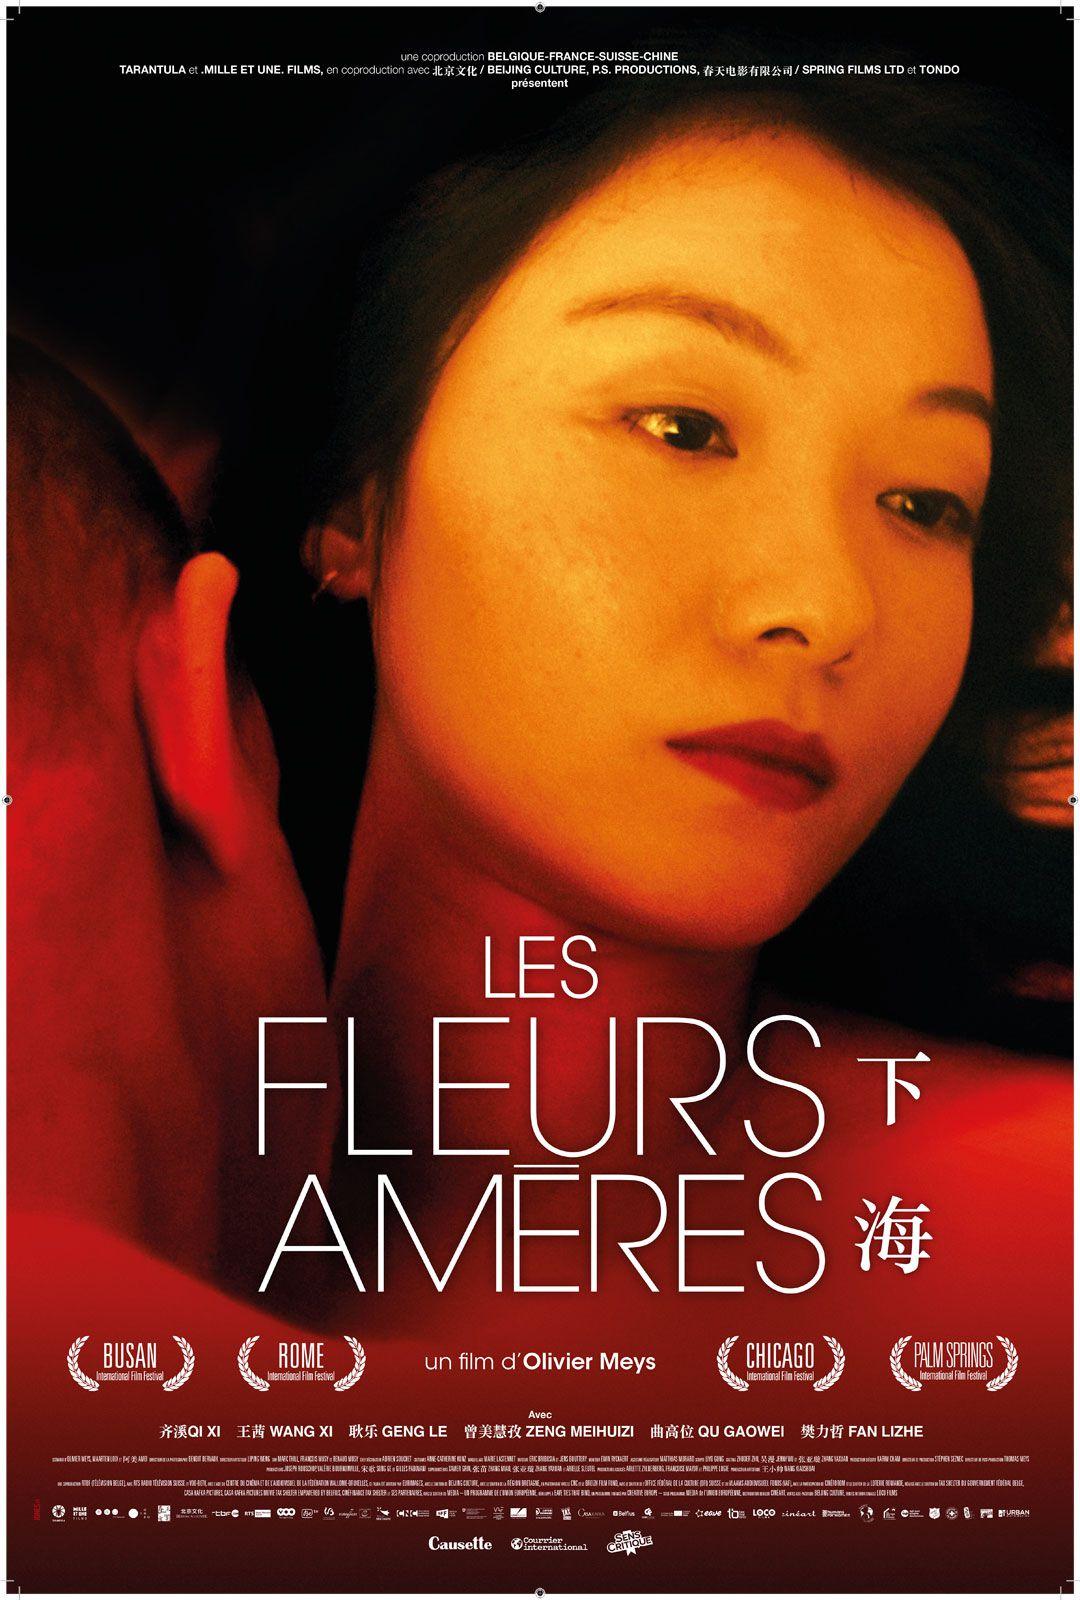 Les Fleurs amères - Film (2019)